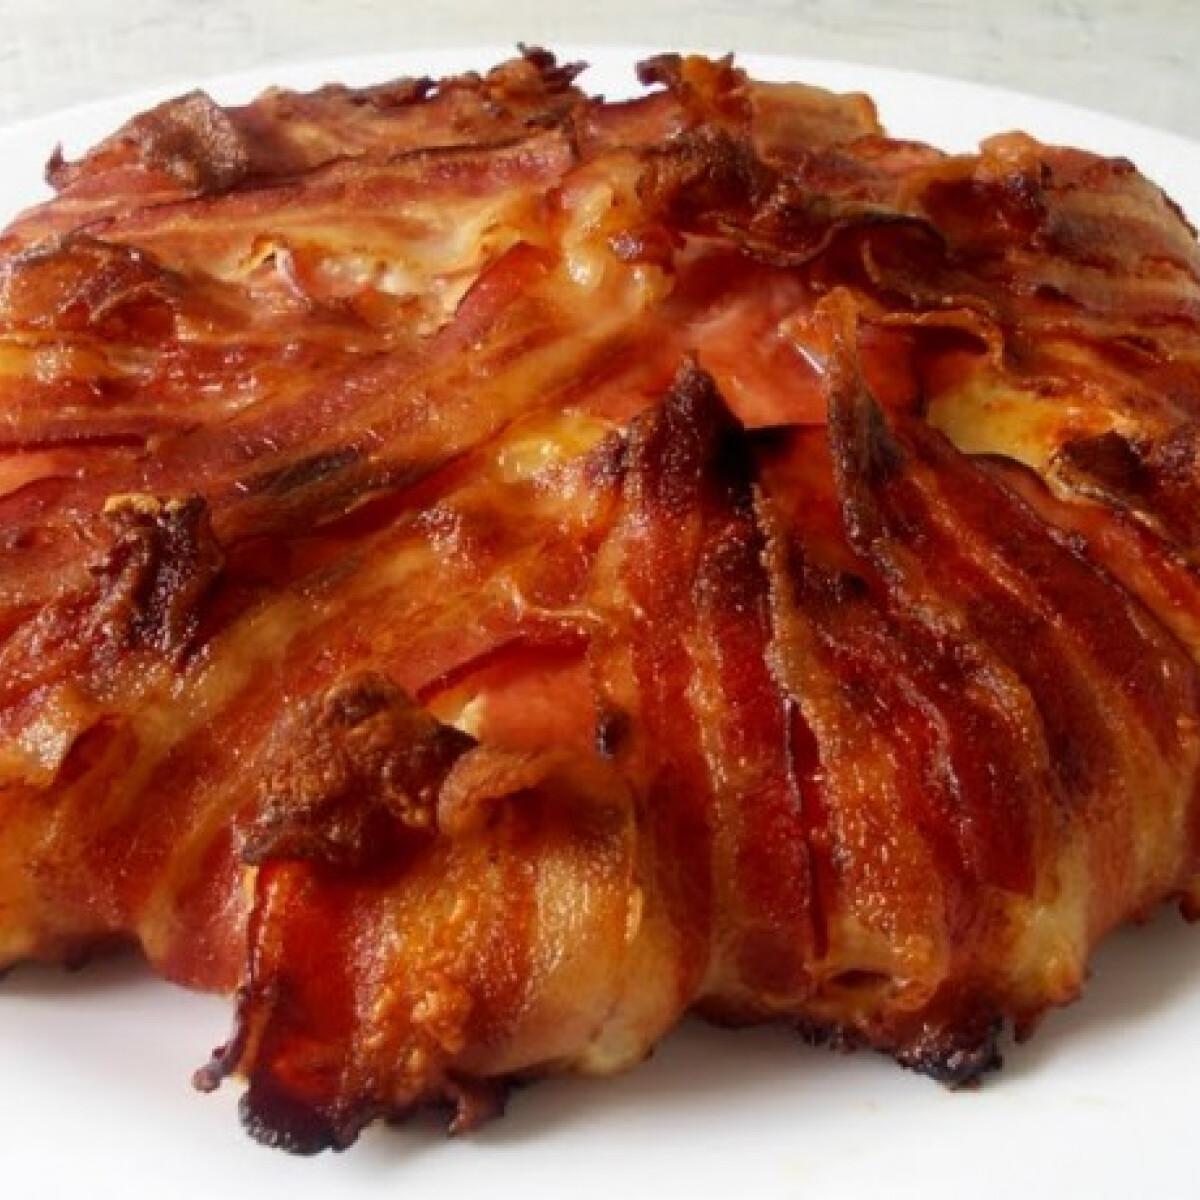 Ezen a képen: Bacon-ös csirketorta